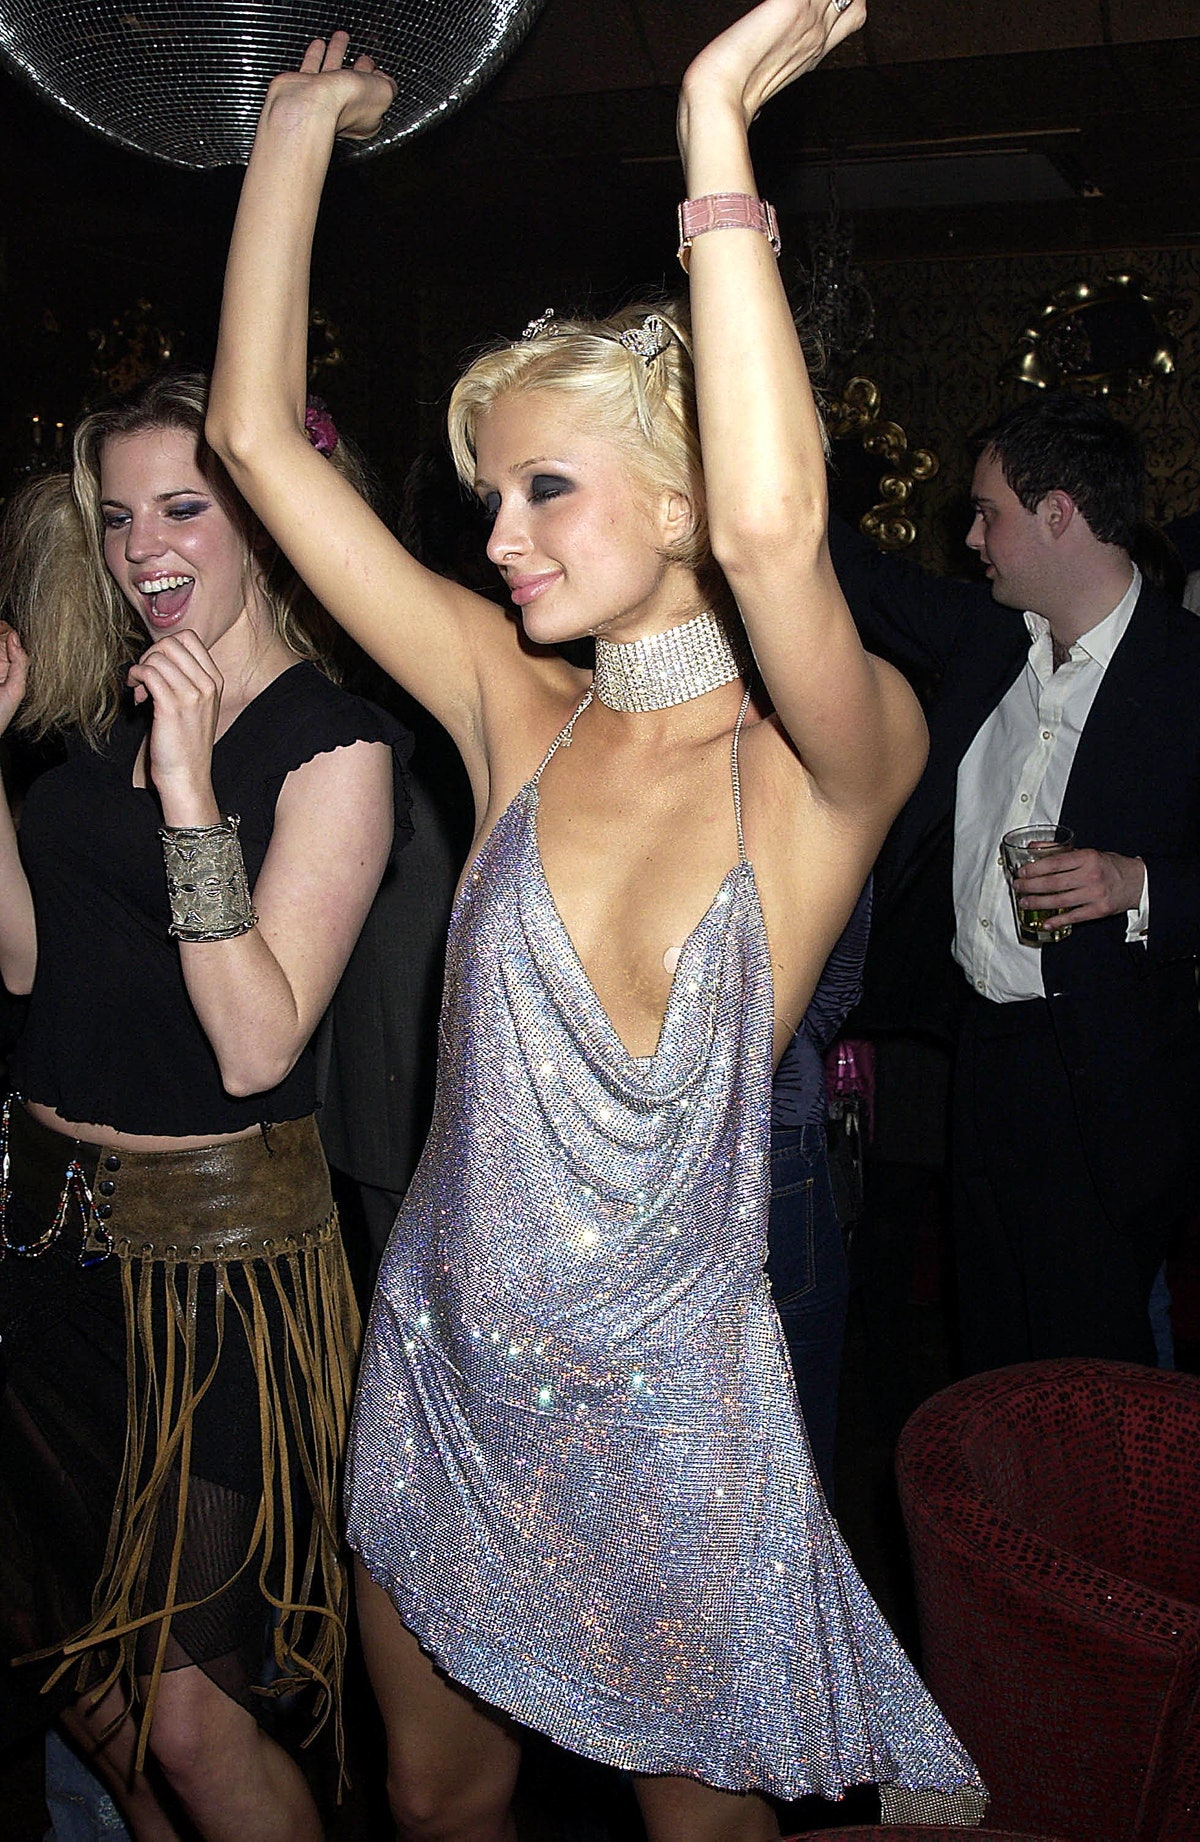 Paris Hilton's Party At Stork Rooms